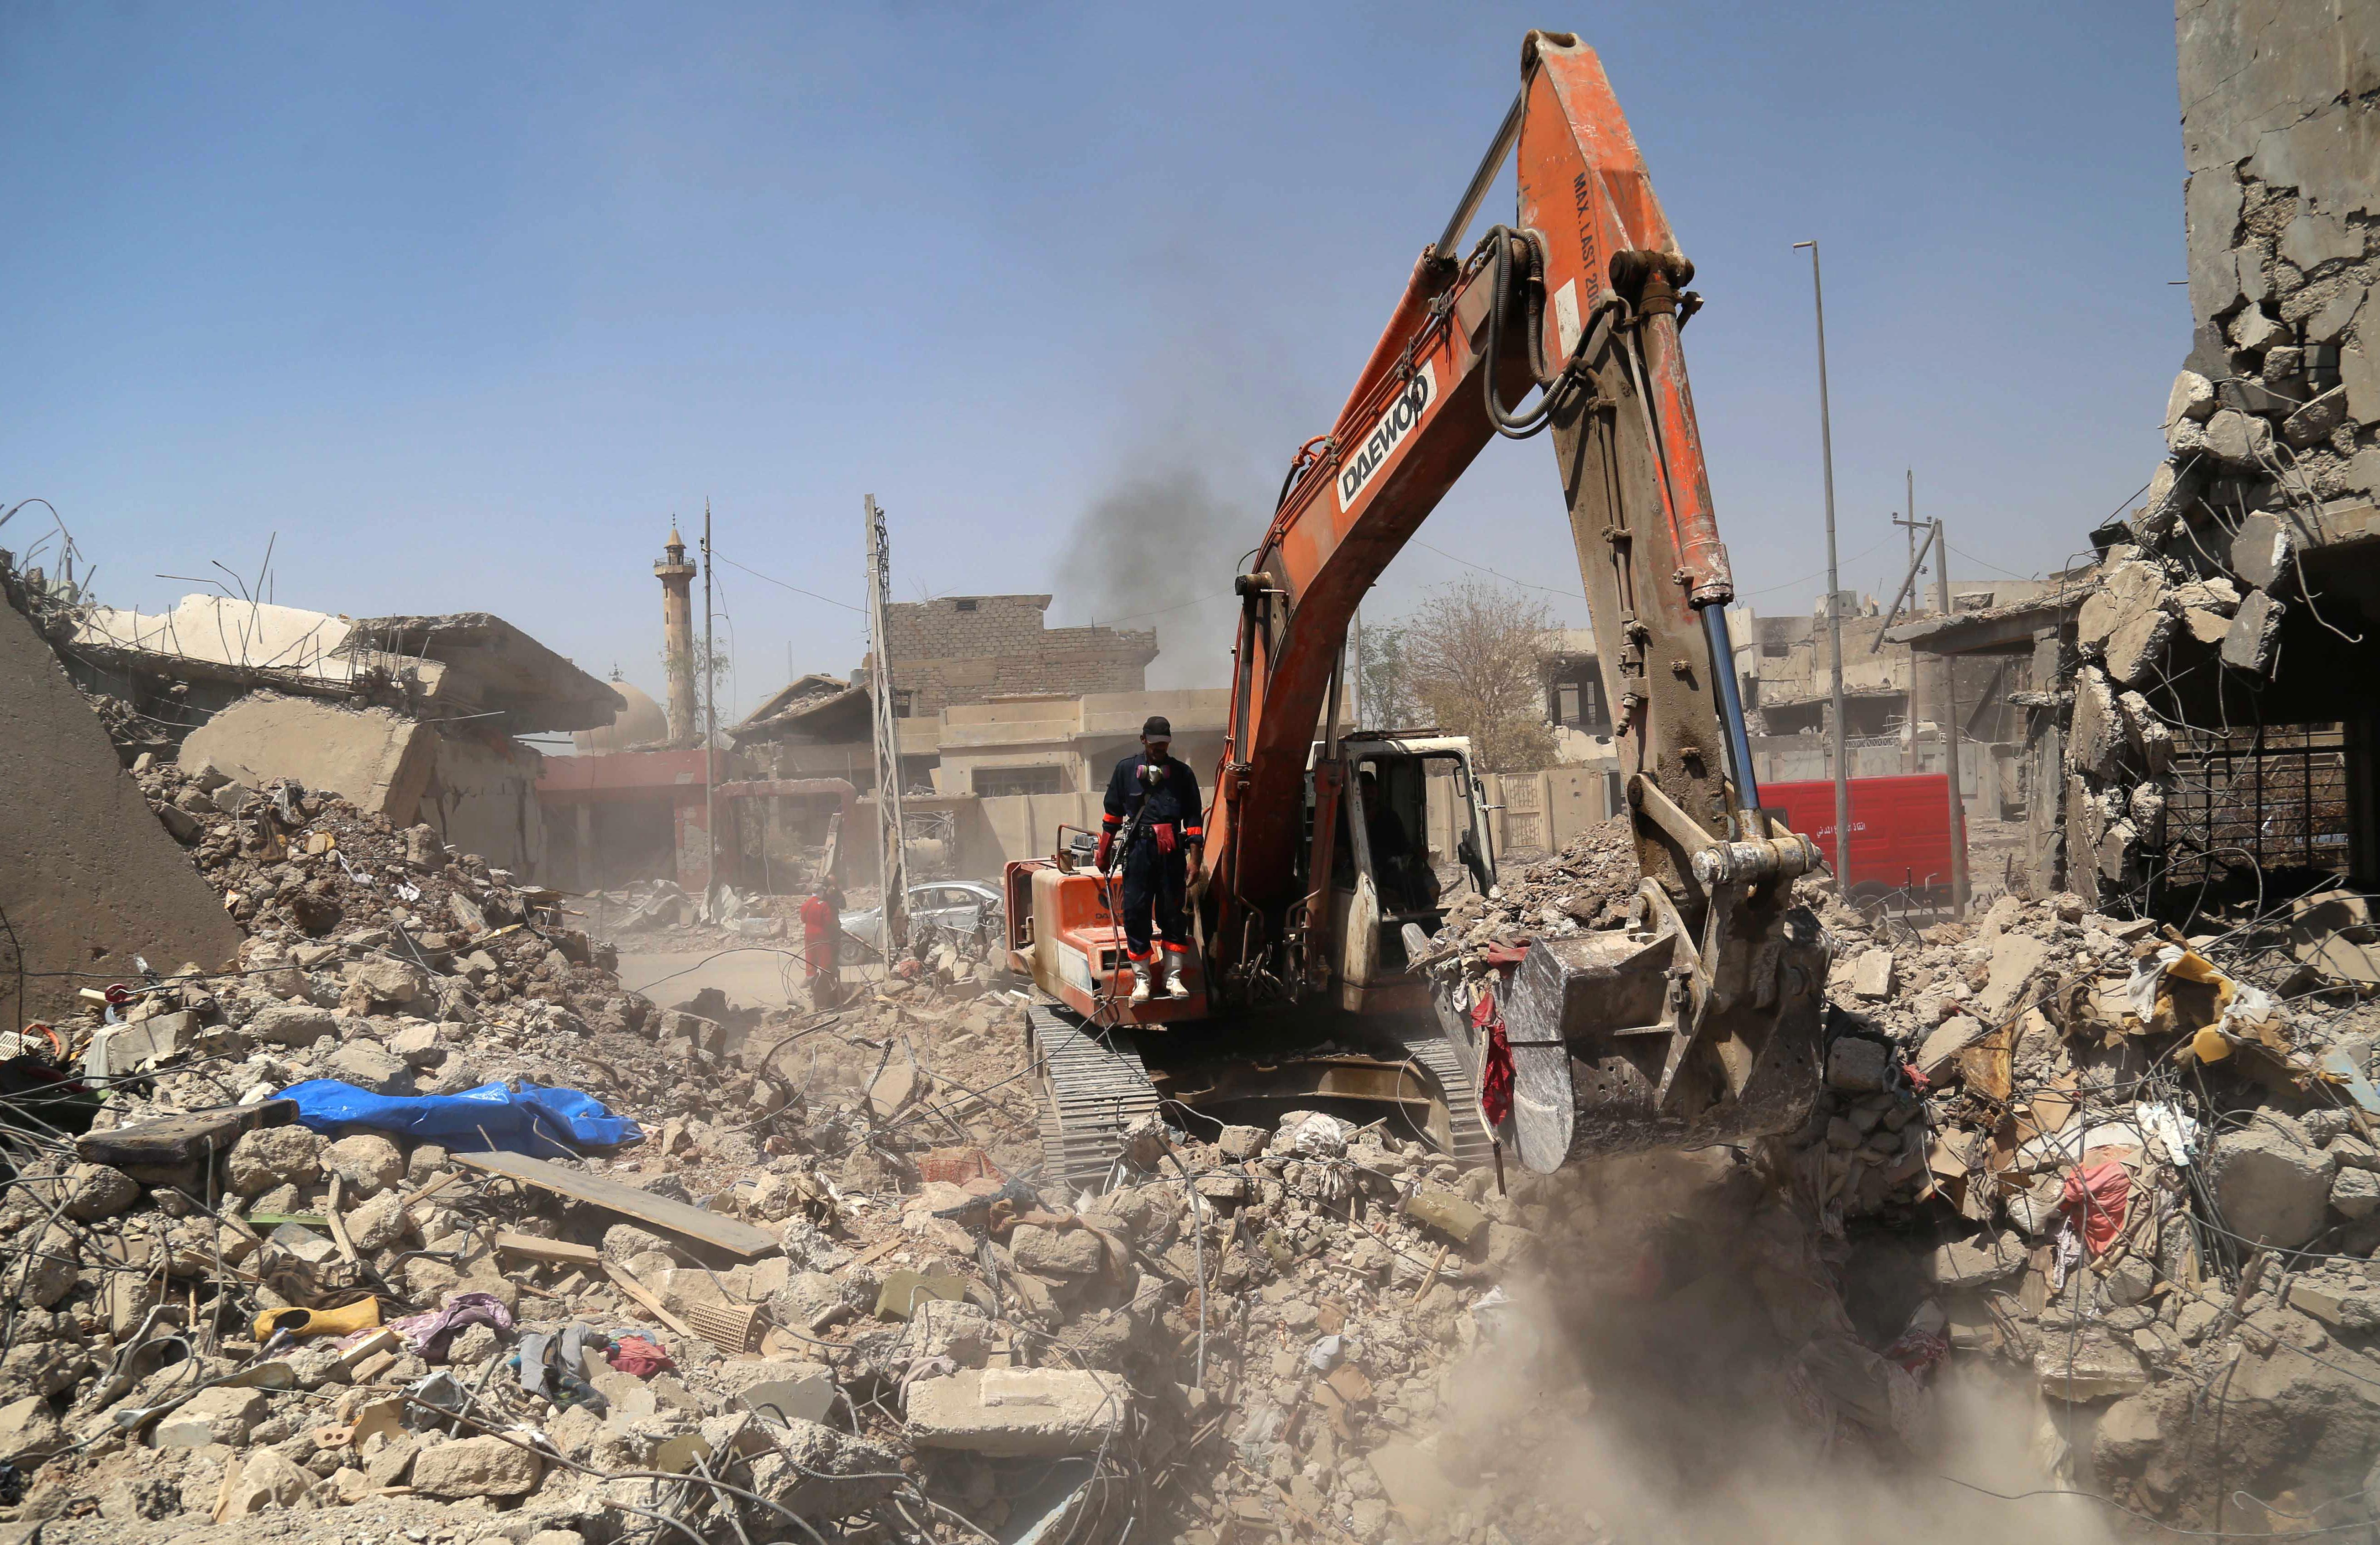 موقع يتم فيه البحث عن أشخاص دفنوا تحت أنقاض أبنية في الموصل